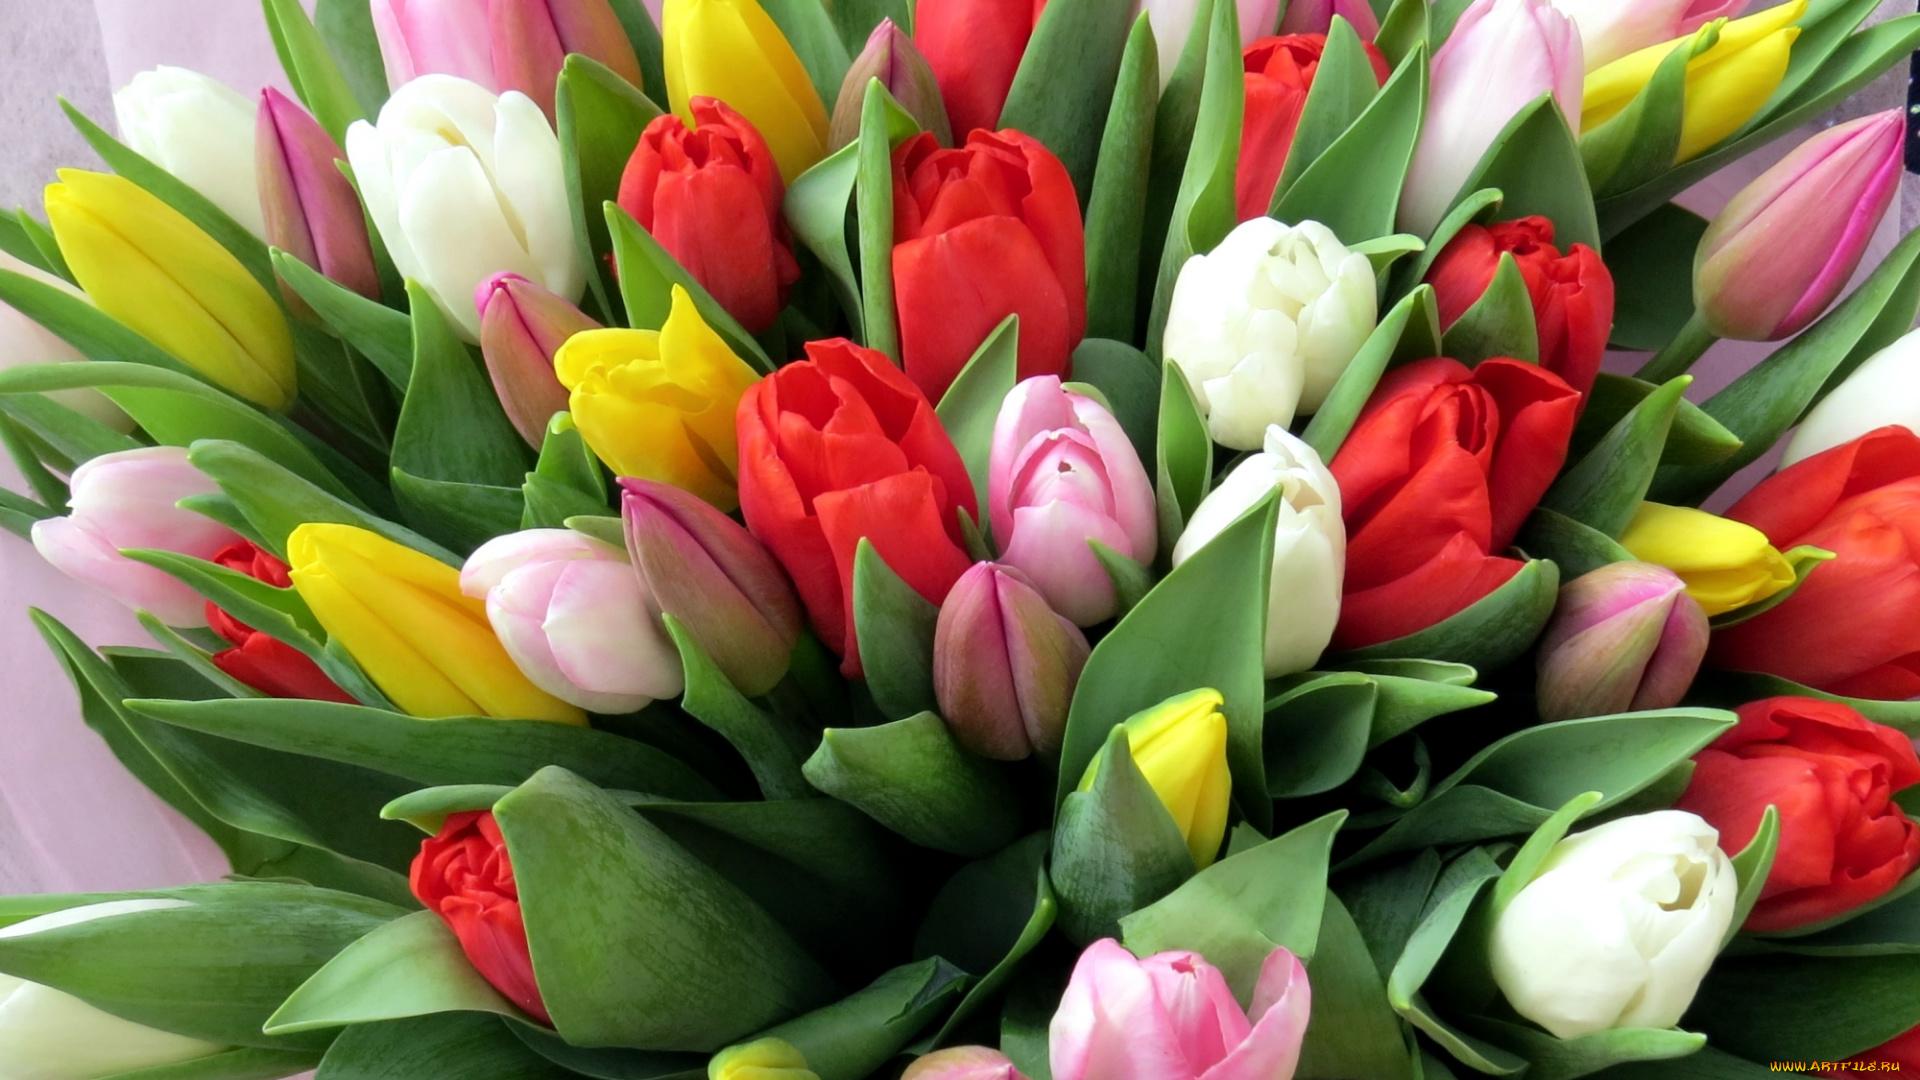 Днем, красивые открытки розы и тюльпаны